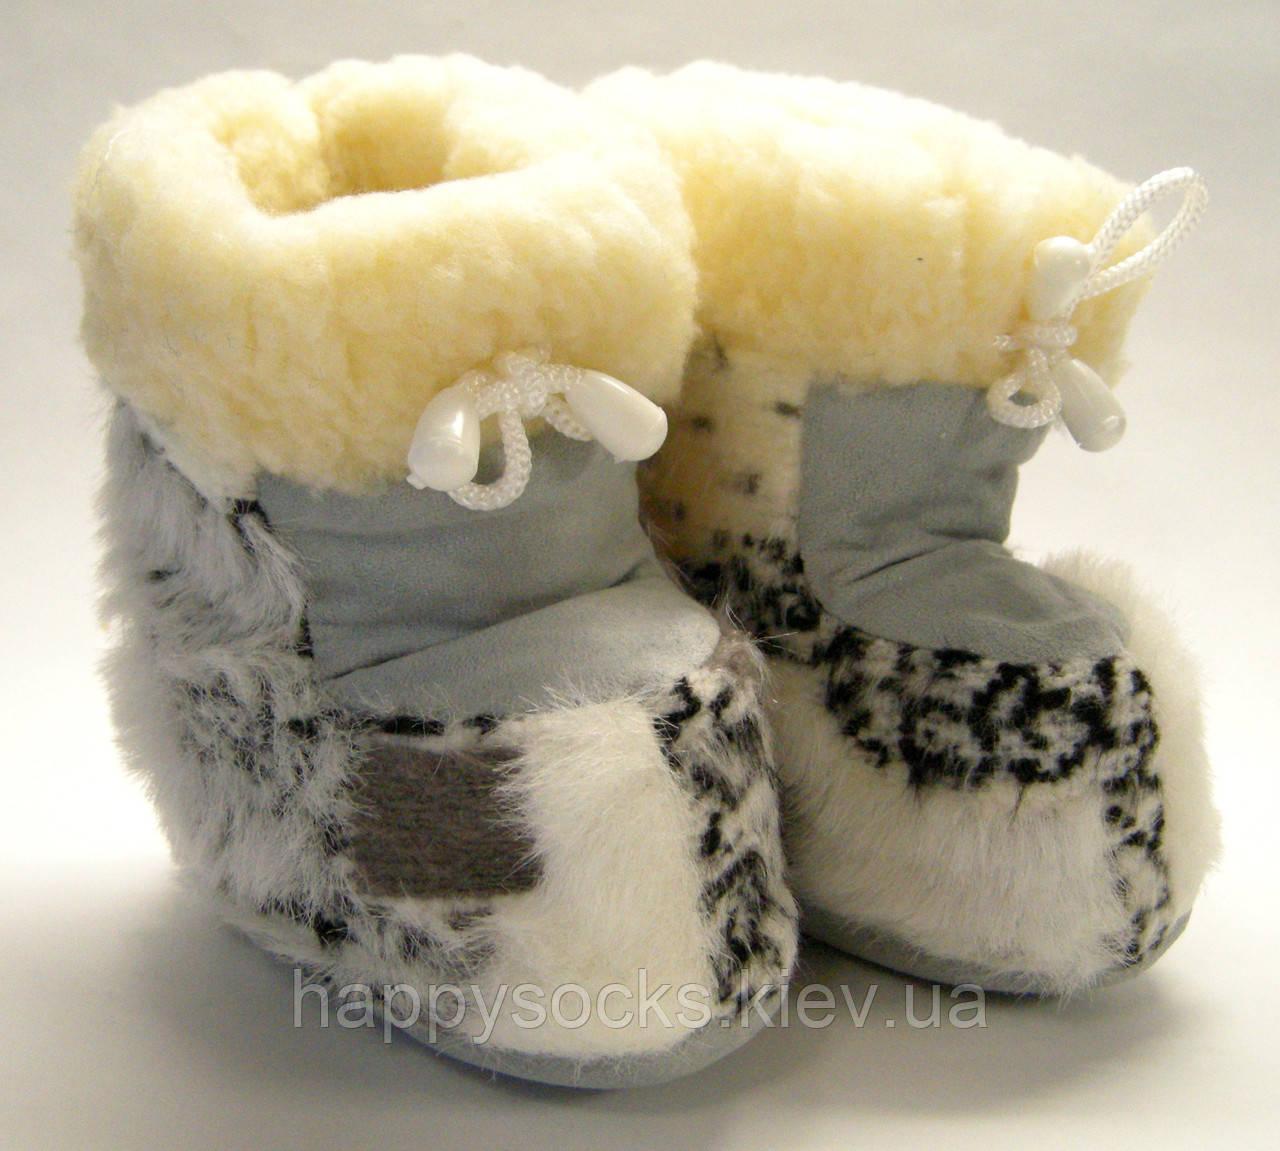 Комнатные сапожки-тапочки из овчины детские